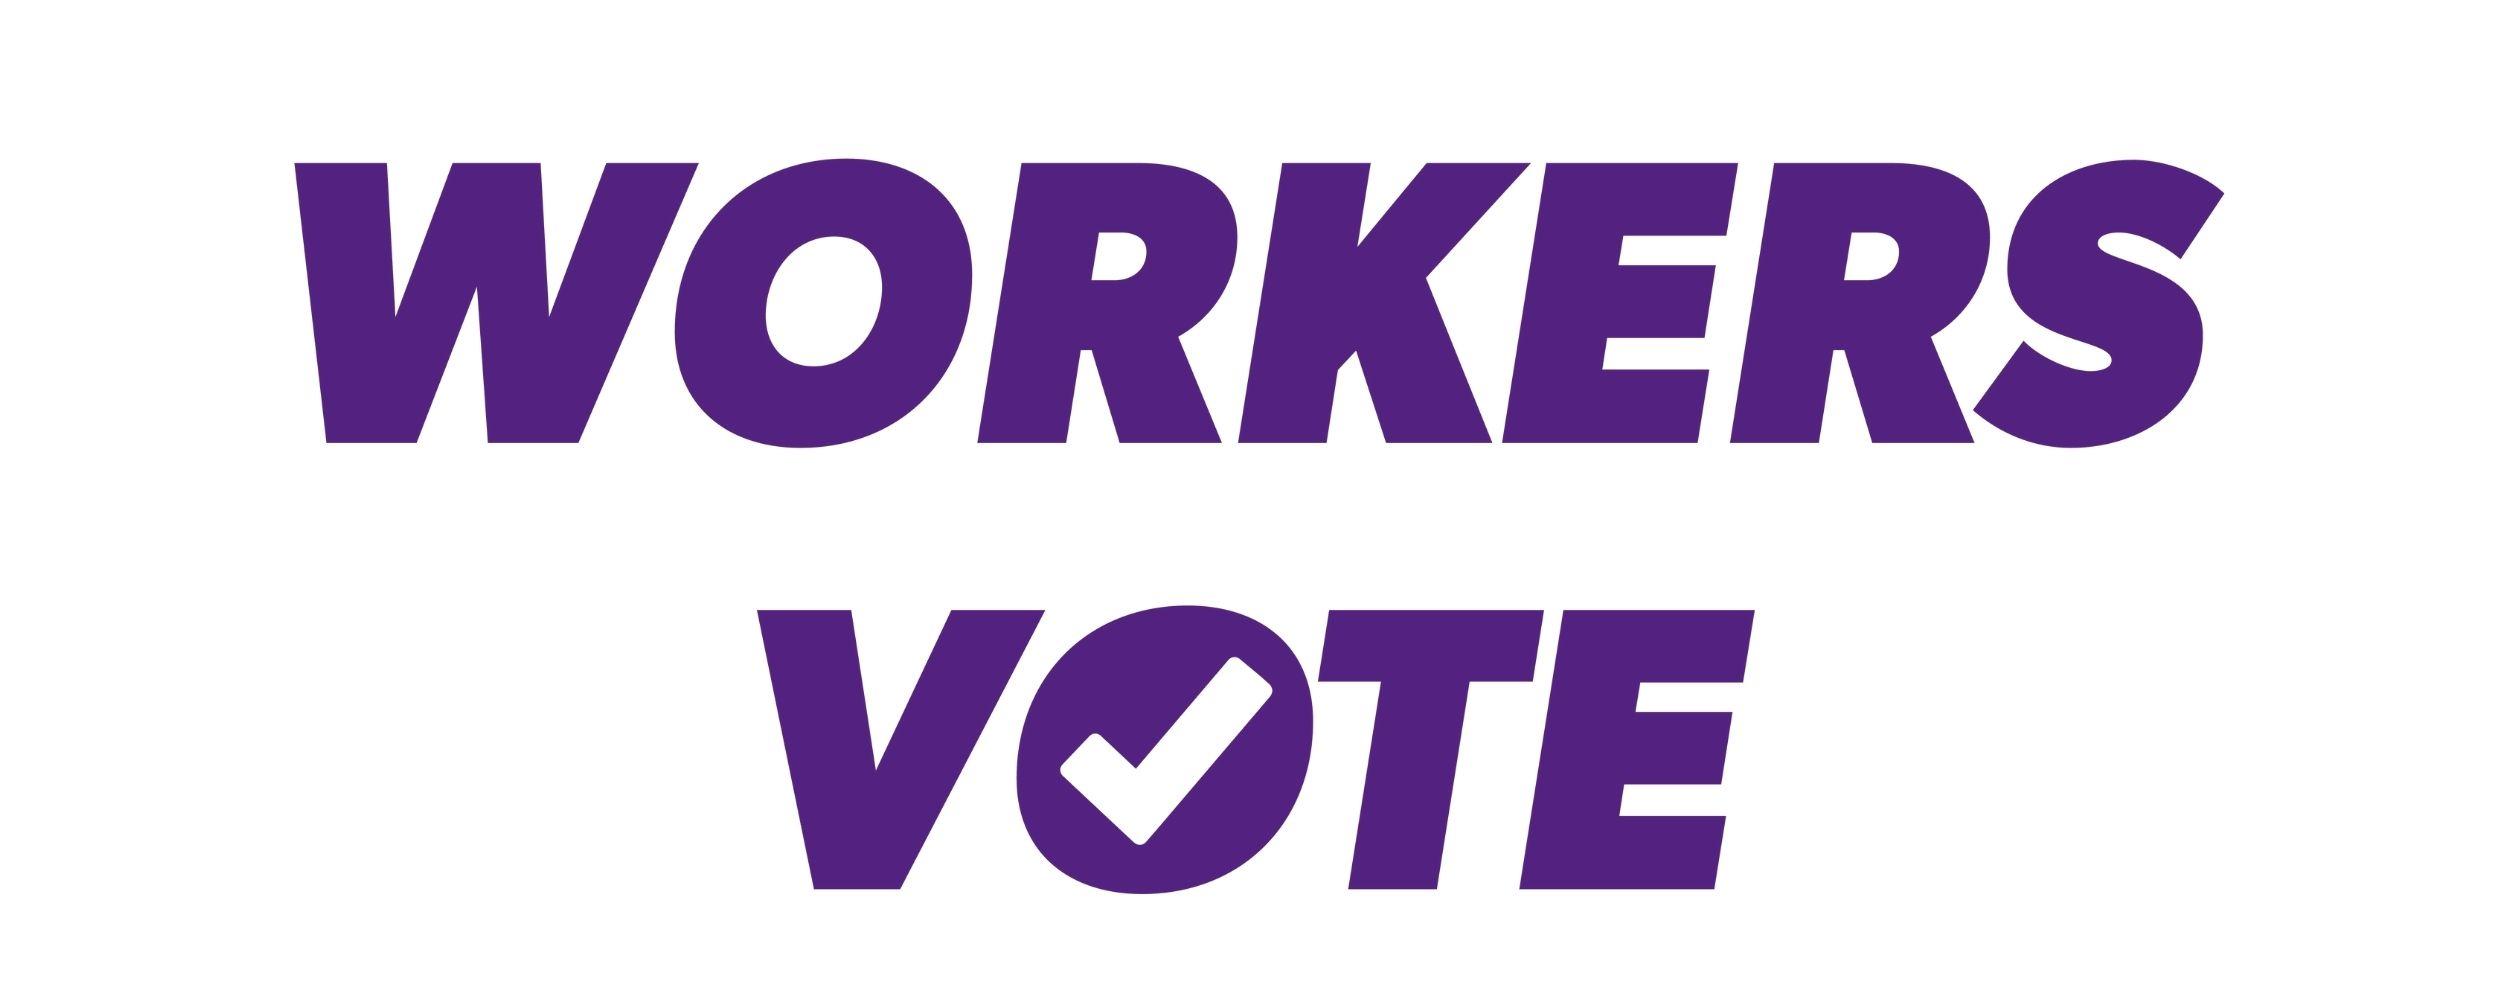 Workers vote .jpg